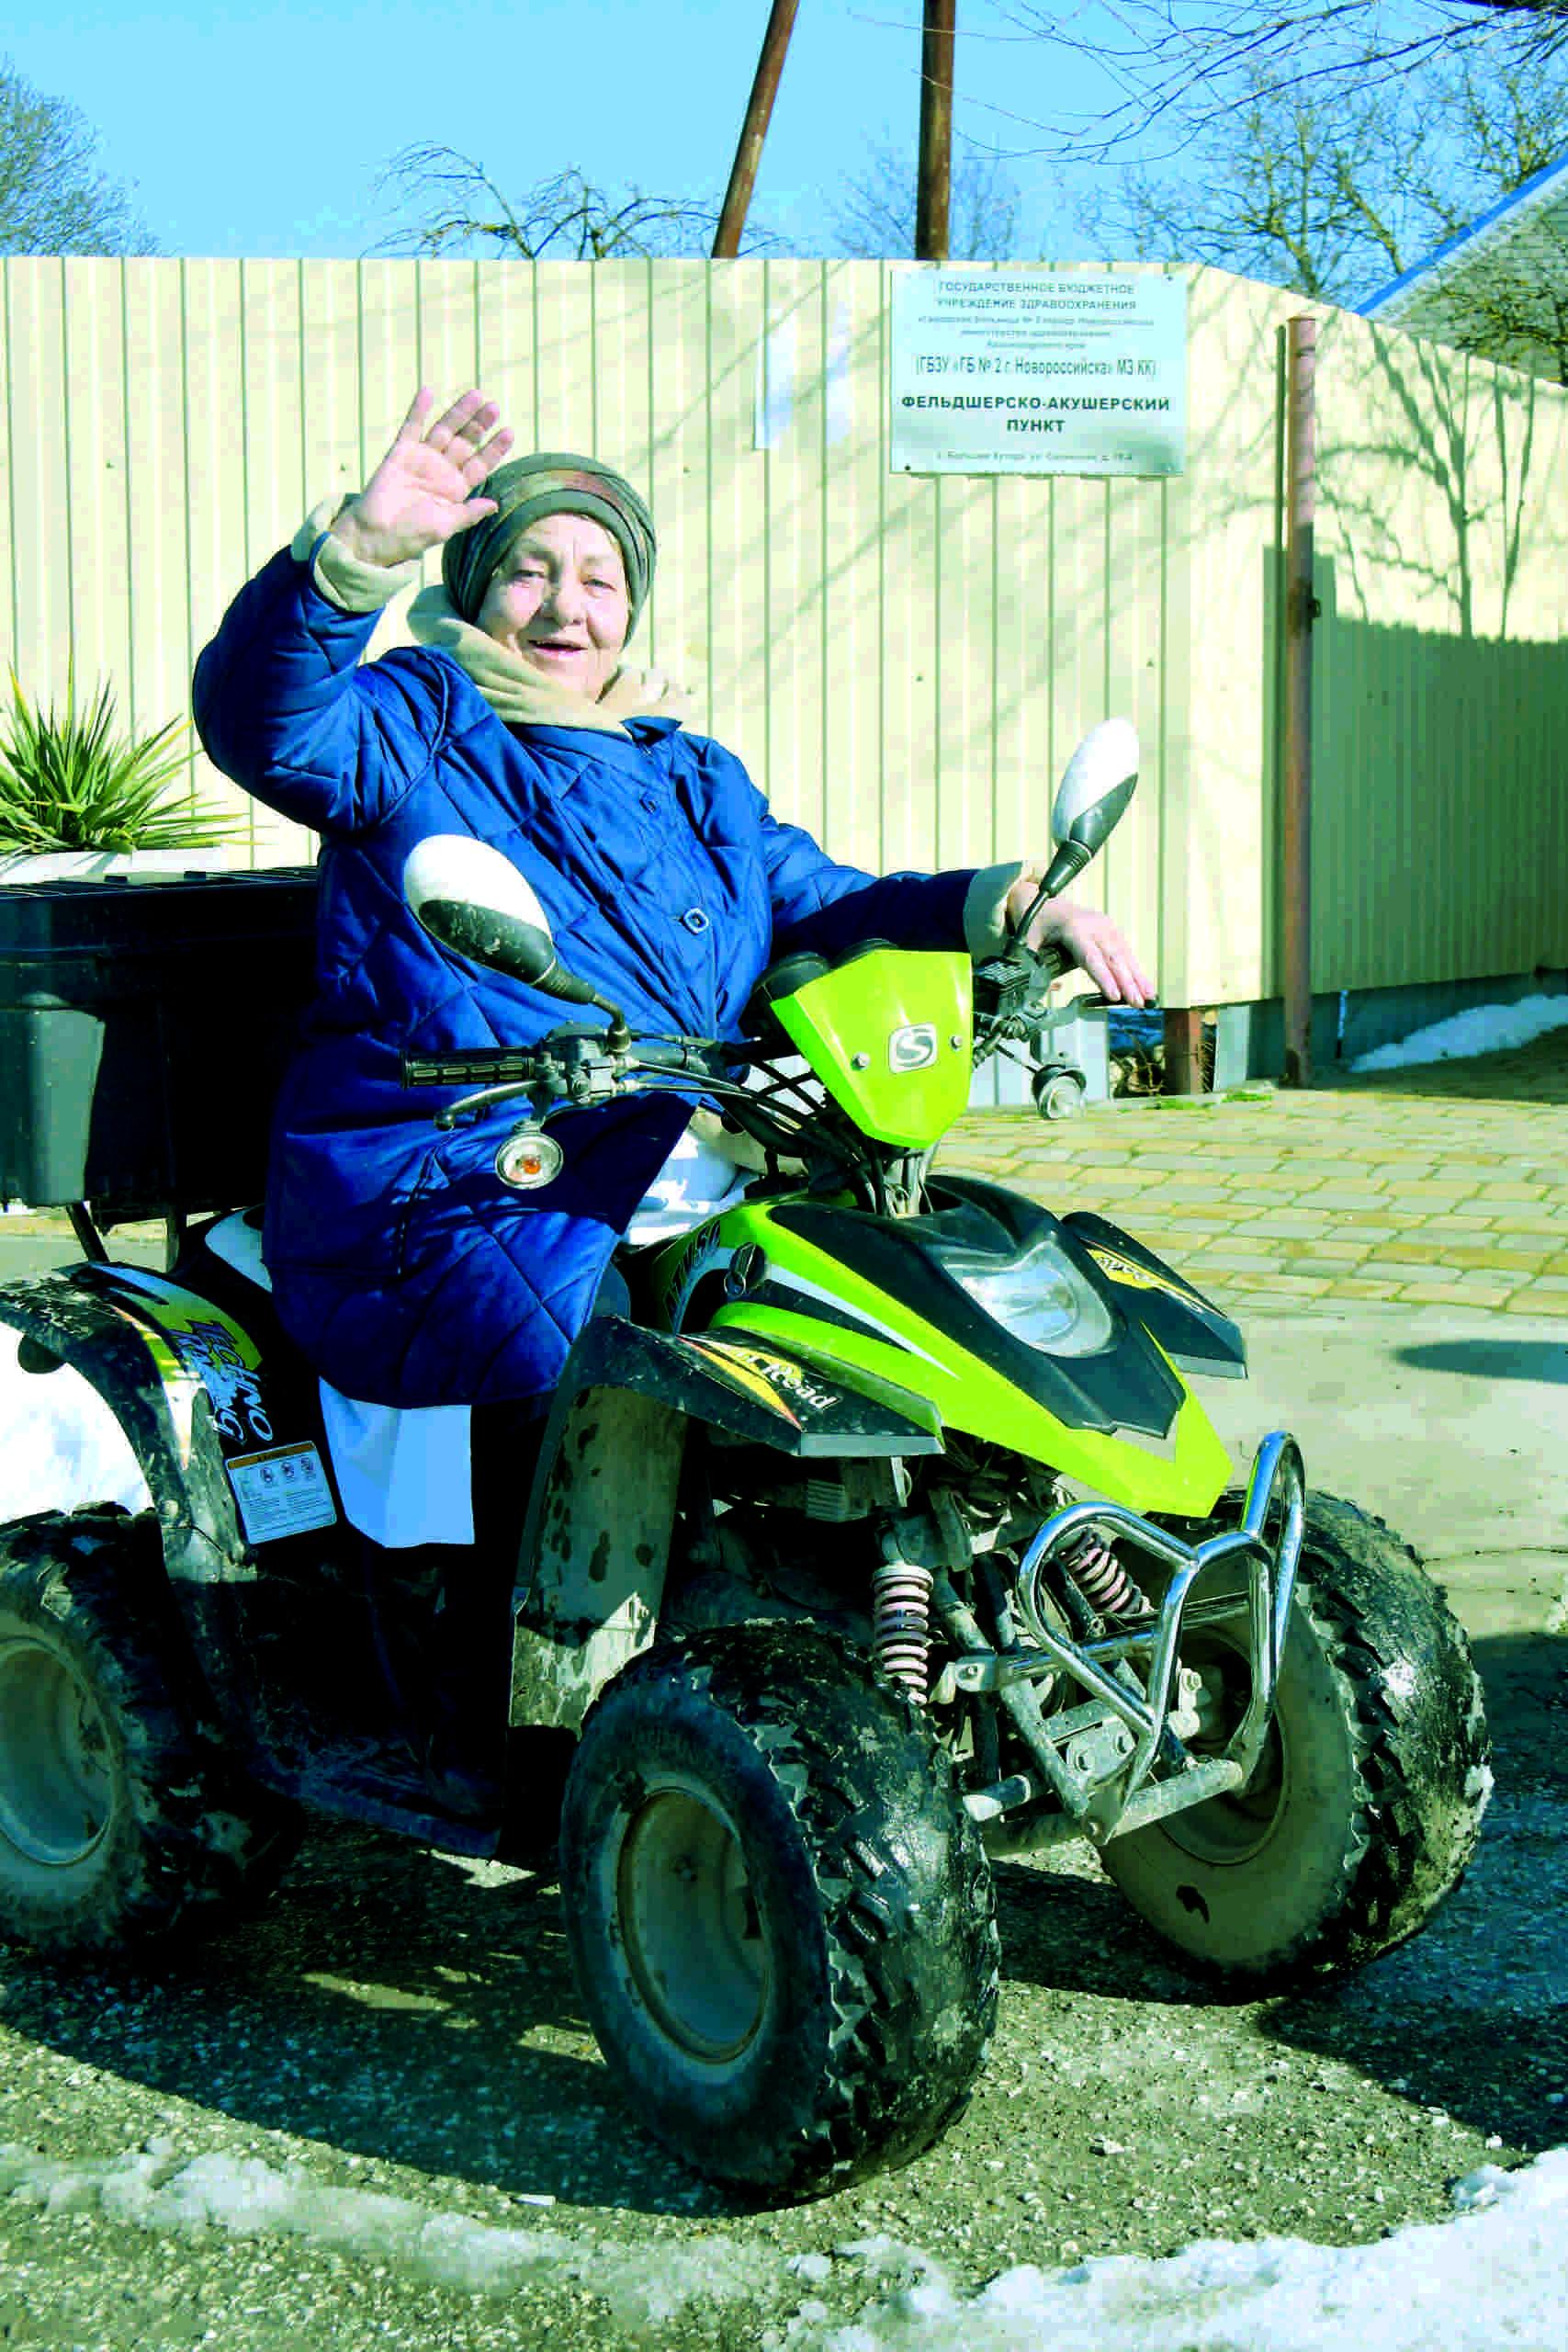 Фельдшер из Абрау-Дюрсо добирается до пациентов на квадроцикле